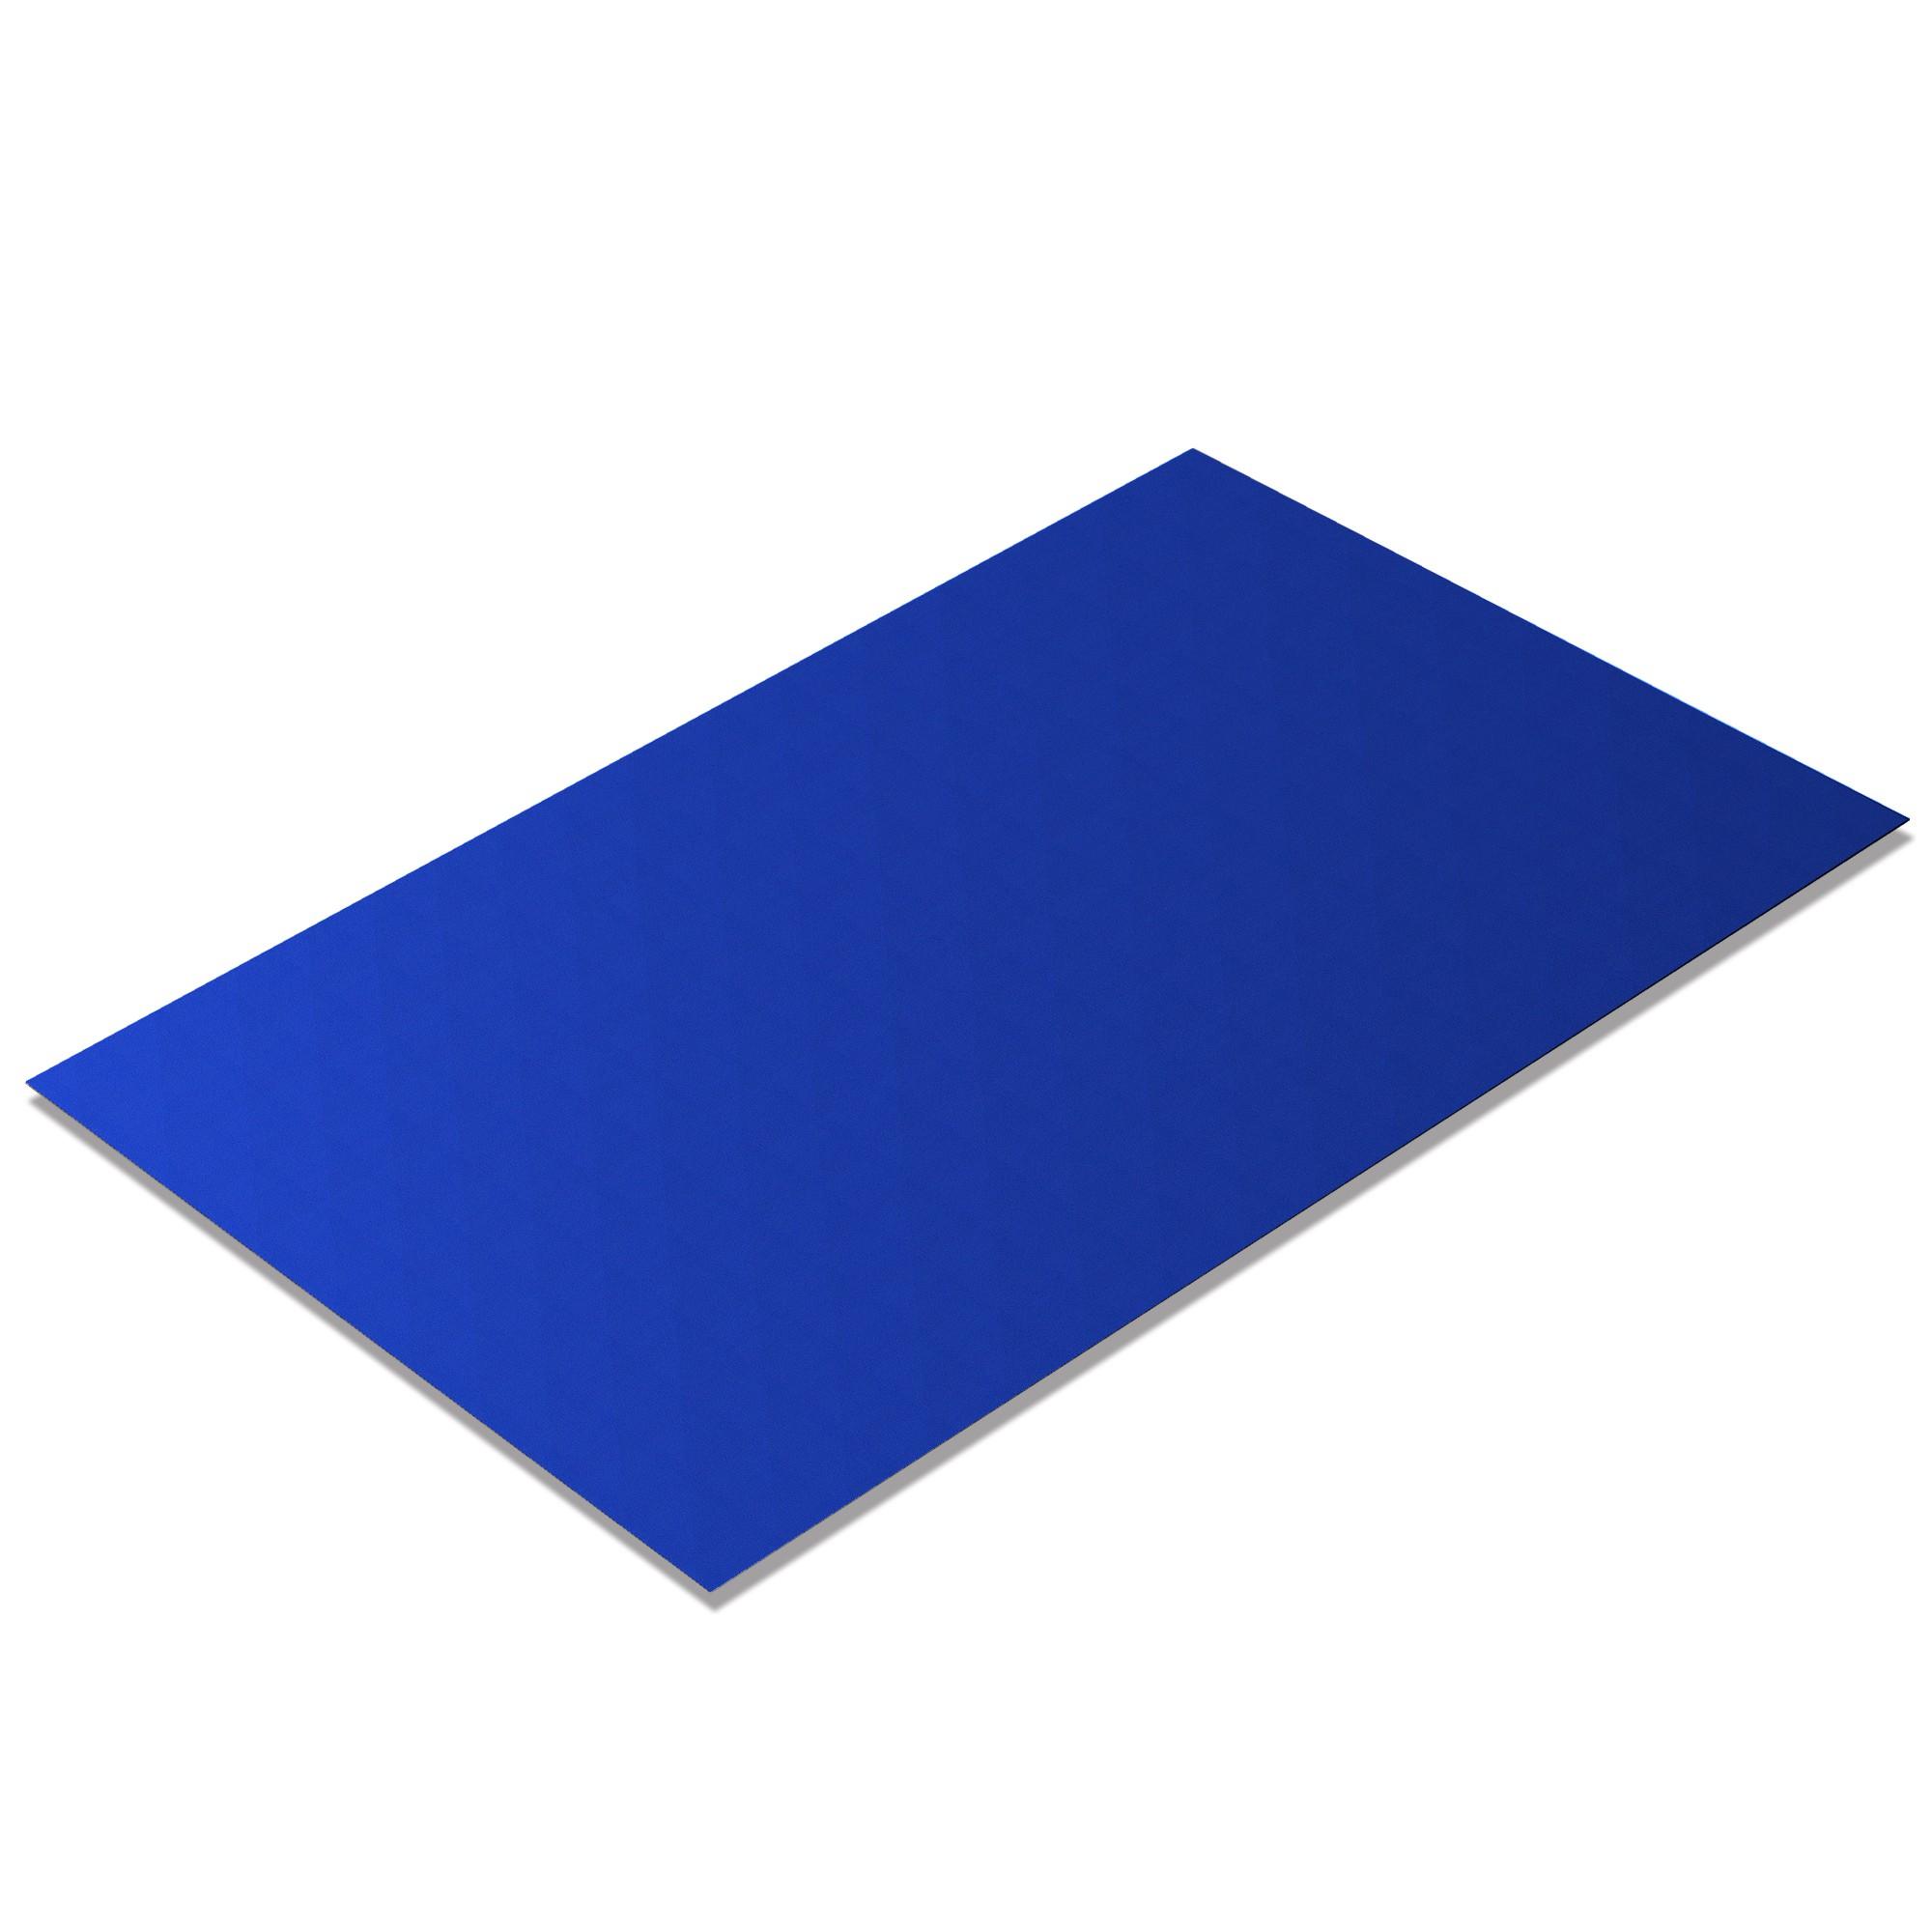 Kunstleder Meterware Teens Blau [TEE27]